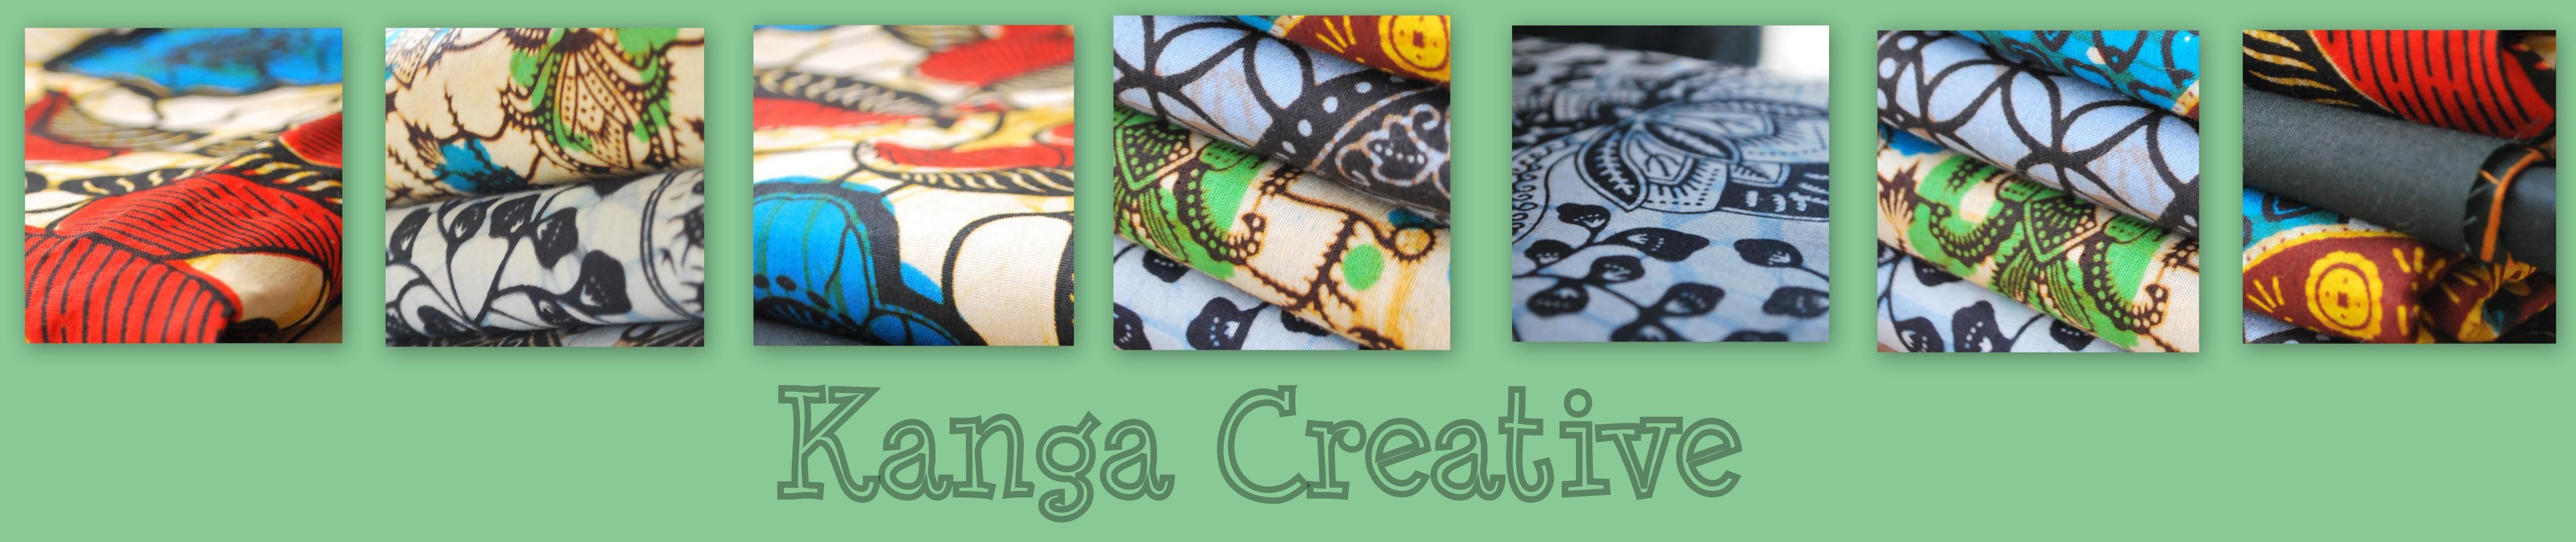 Kanga Creative